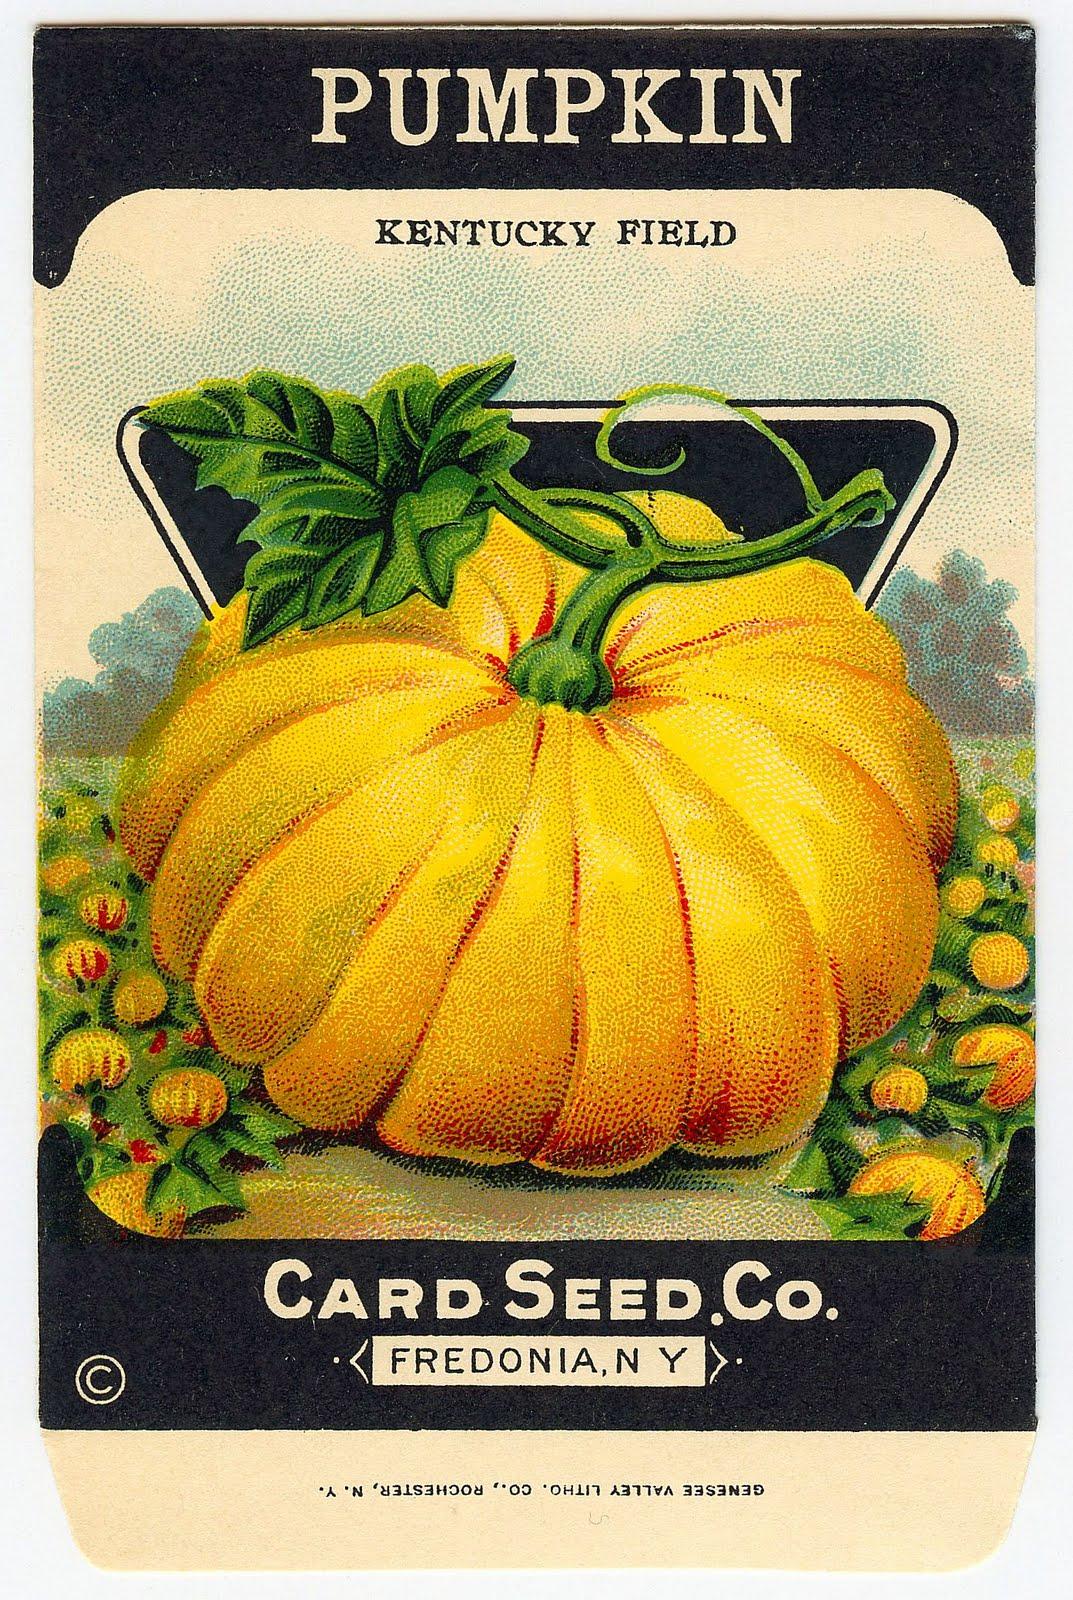 Seed clipart seed packet Pumpkin Packet Pumpkin Vintage Seed